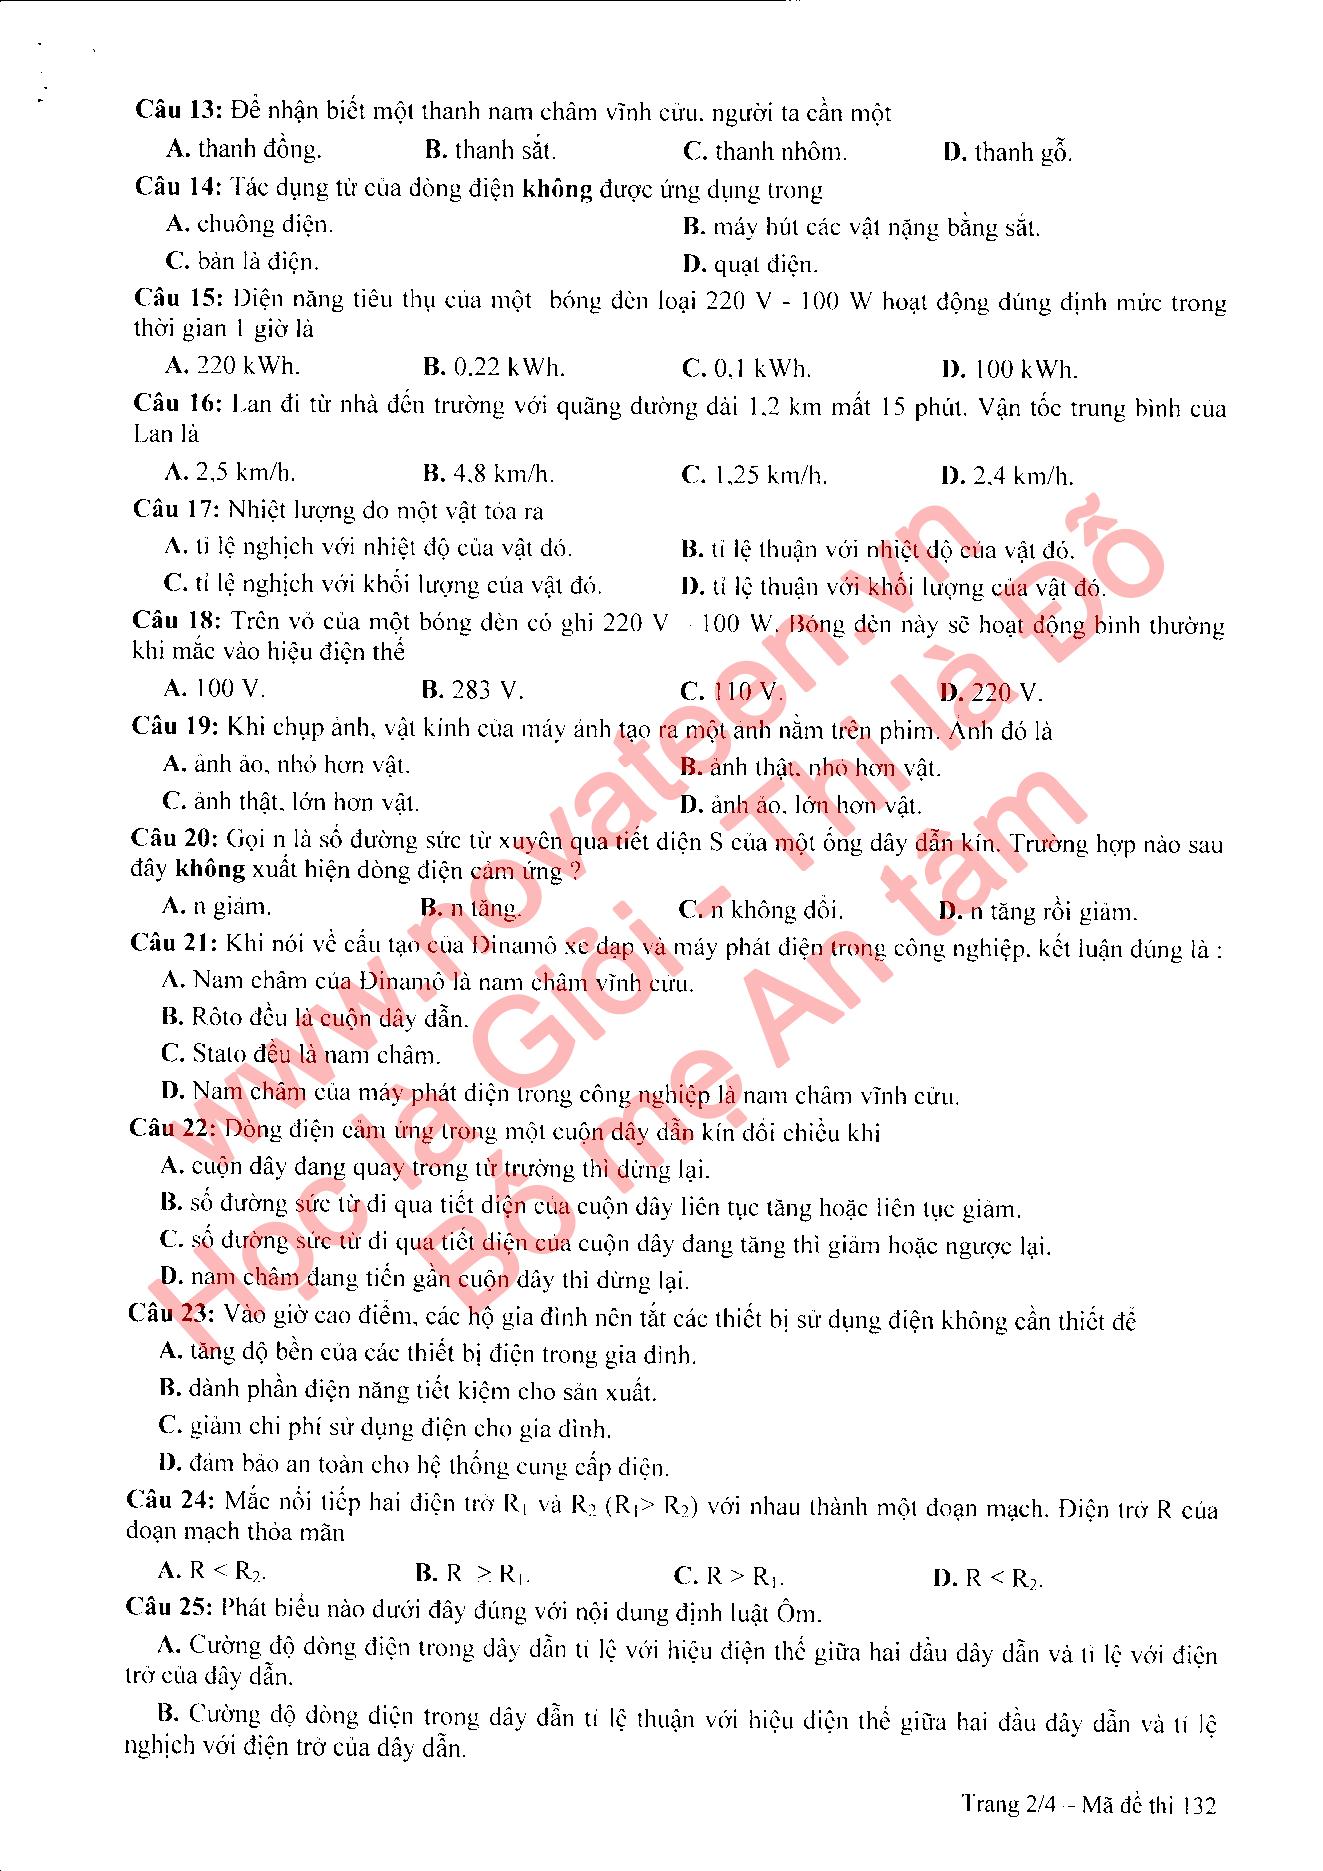 đề thi tham khảo vào lớp 10